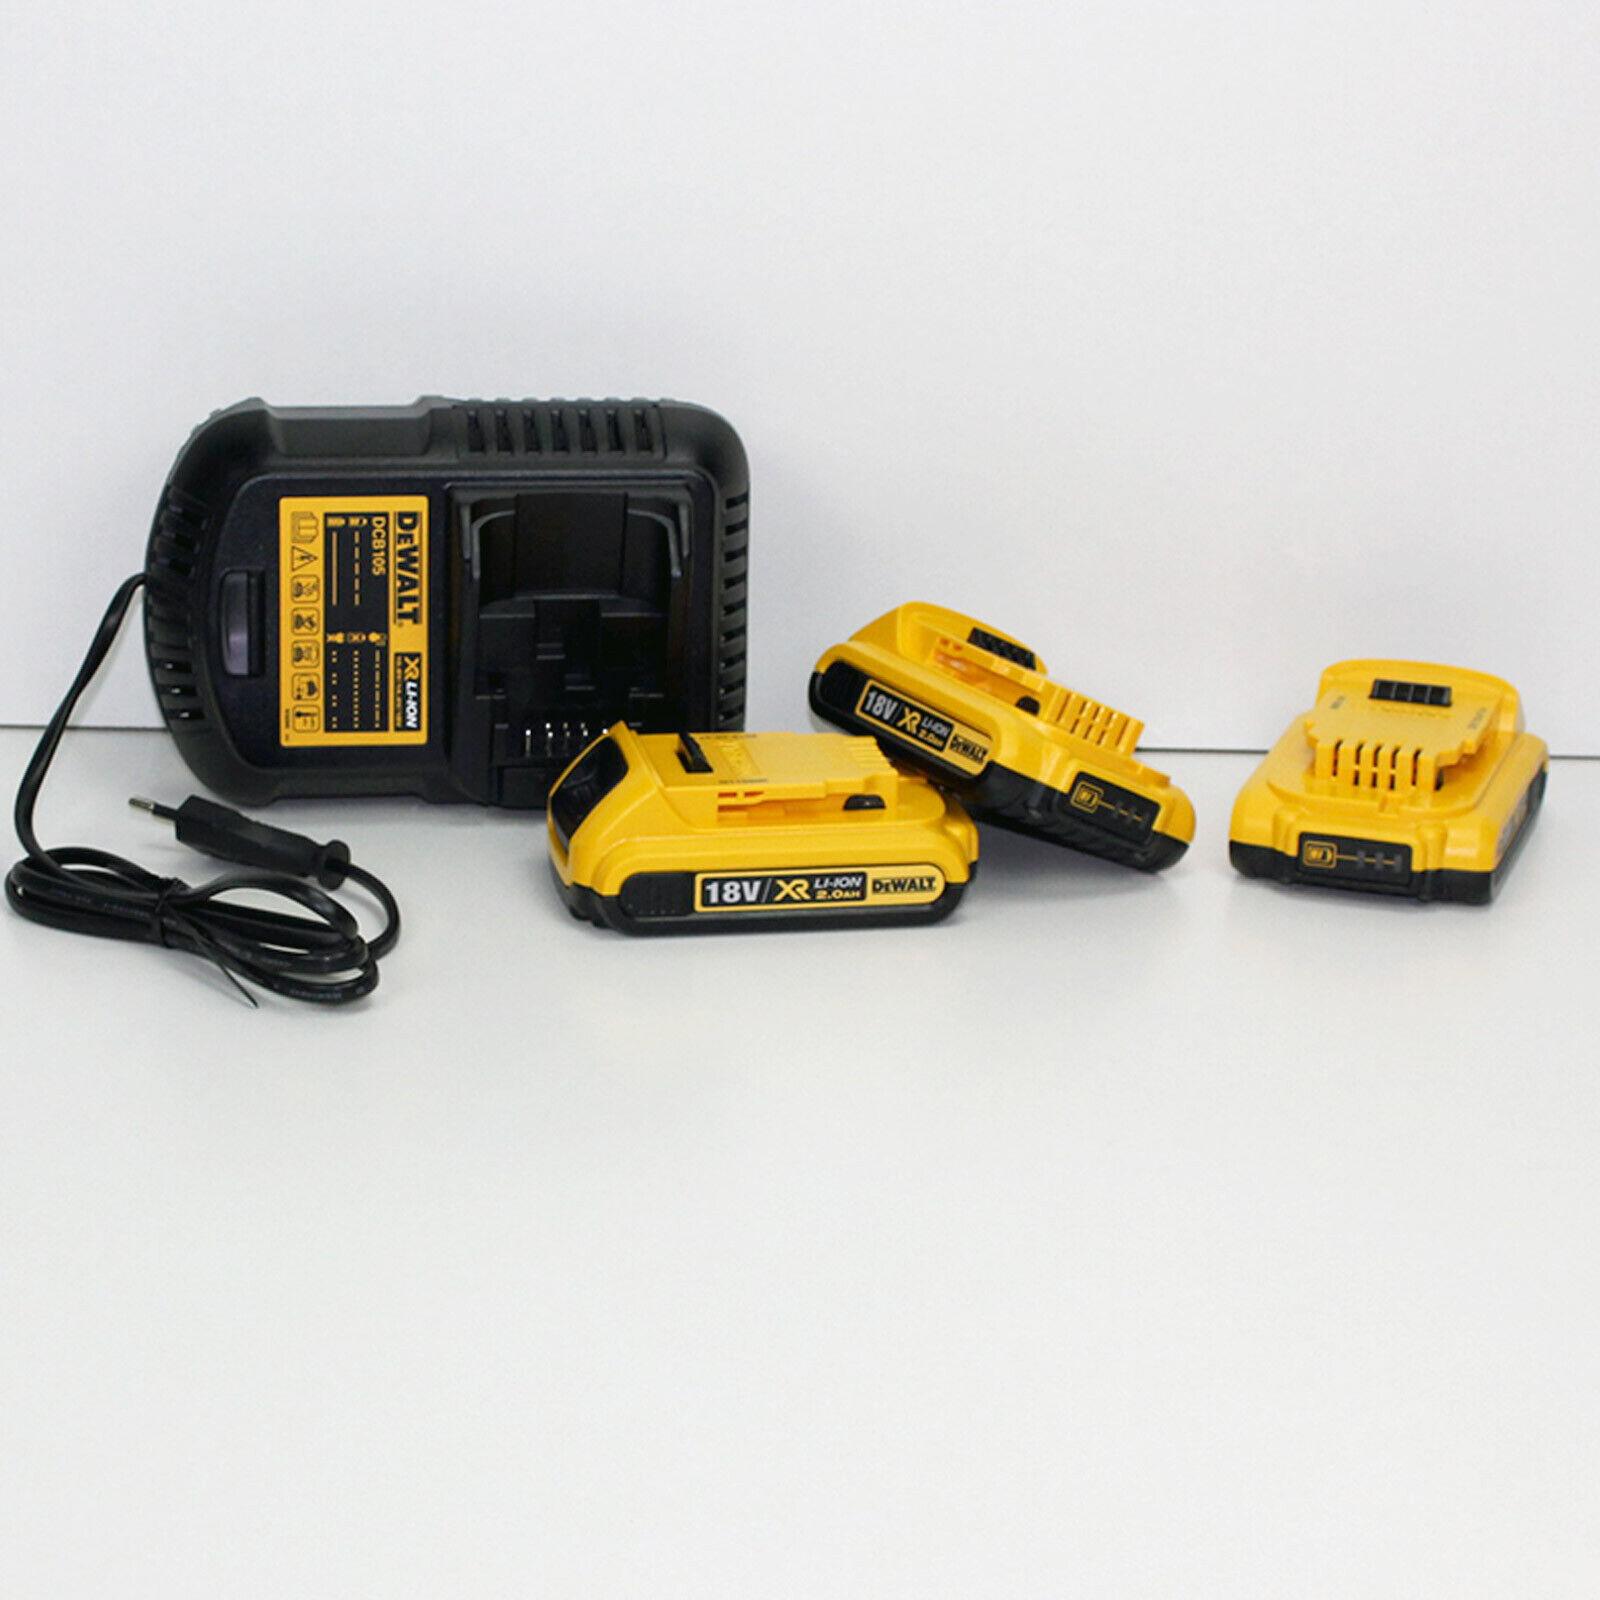 Dewalt 18 Volt Starter-Kit - DCB105D3-QW